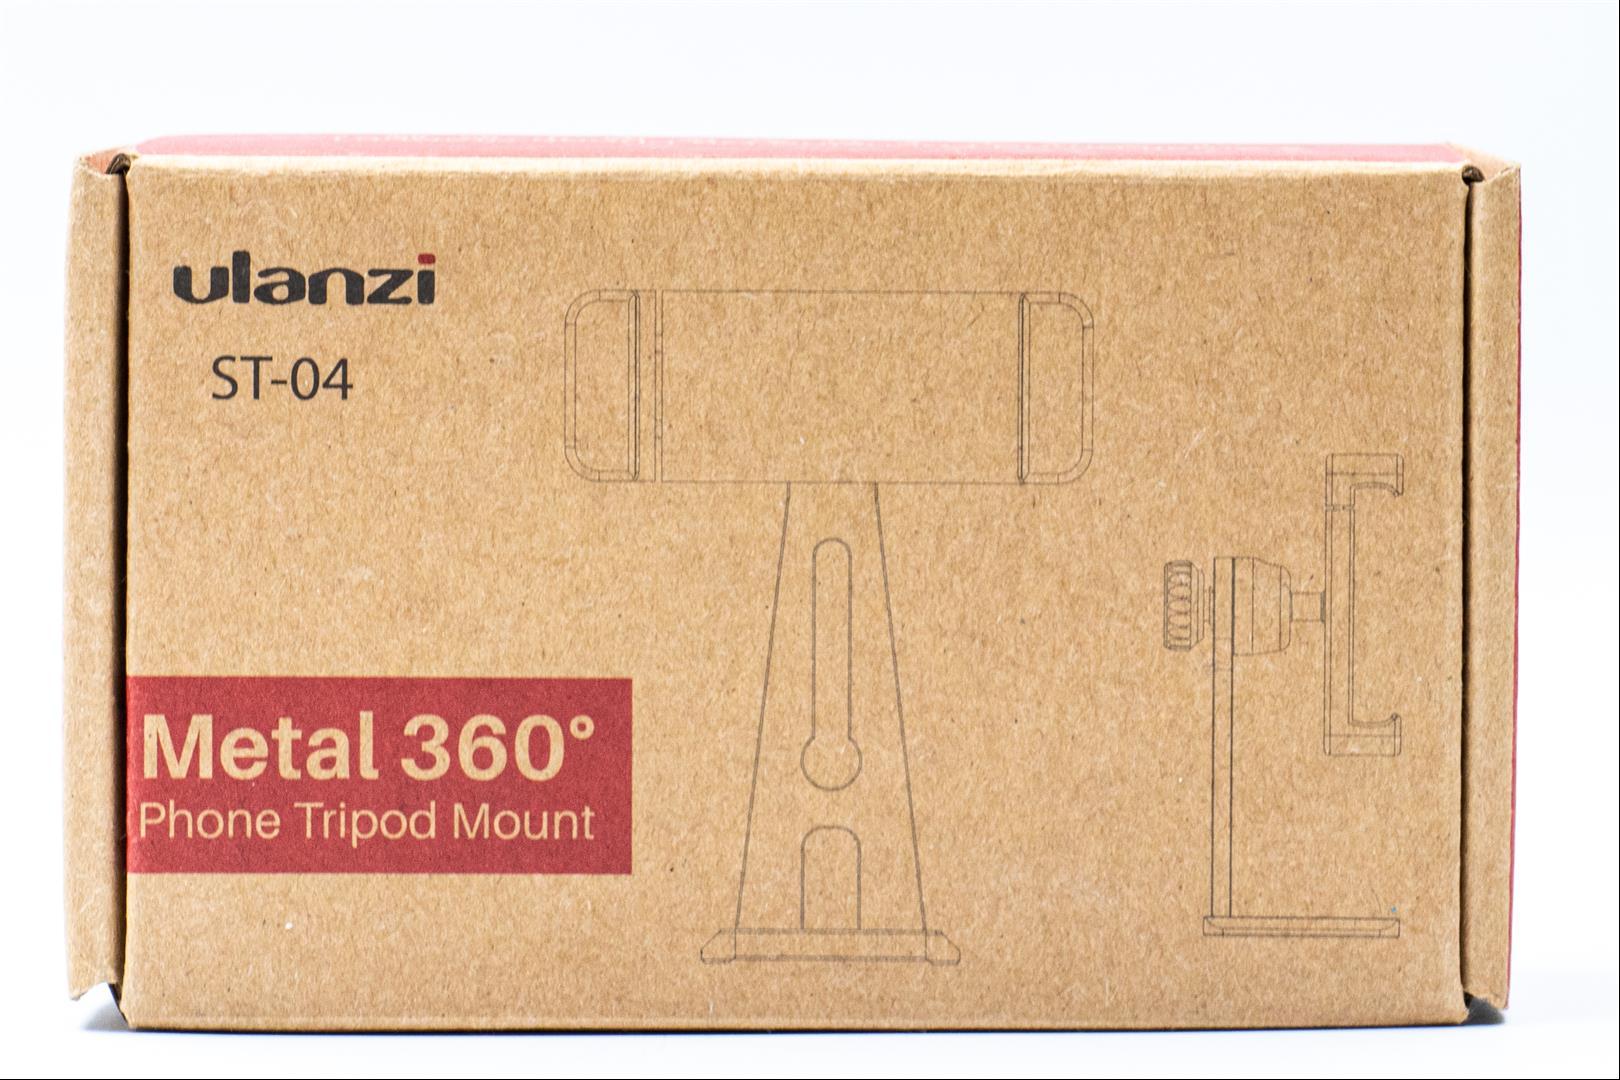 ulanzi ST-04